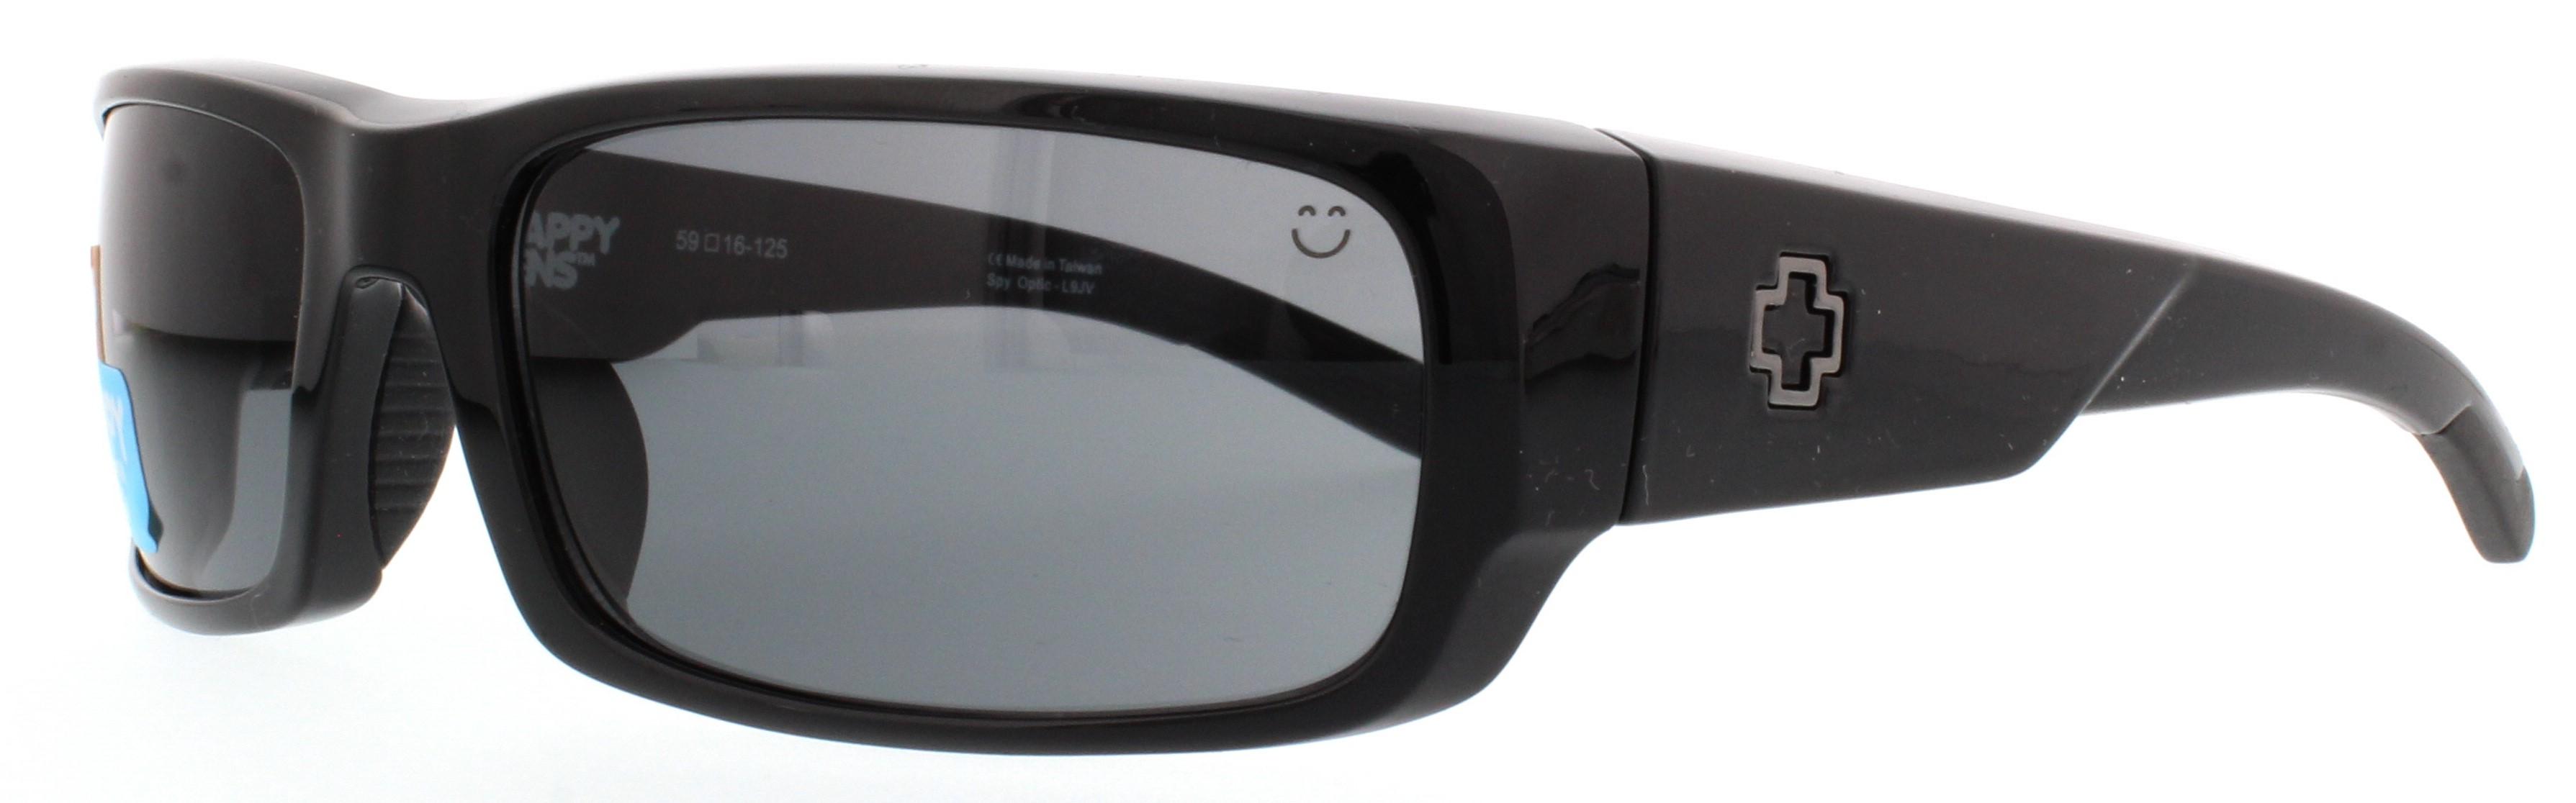 92370f70667 SPY Optic Piper